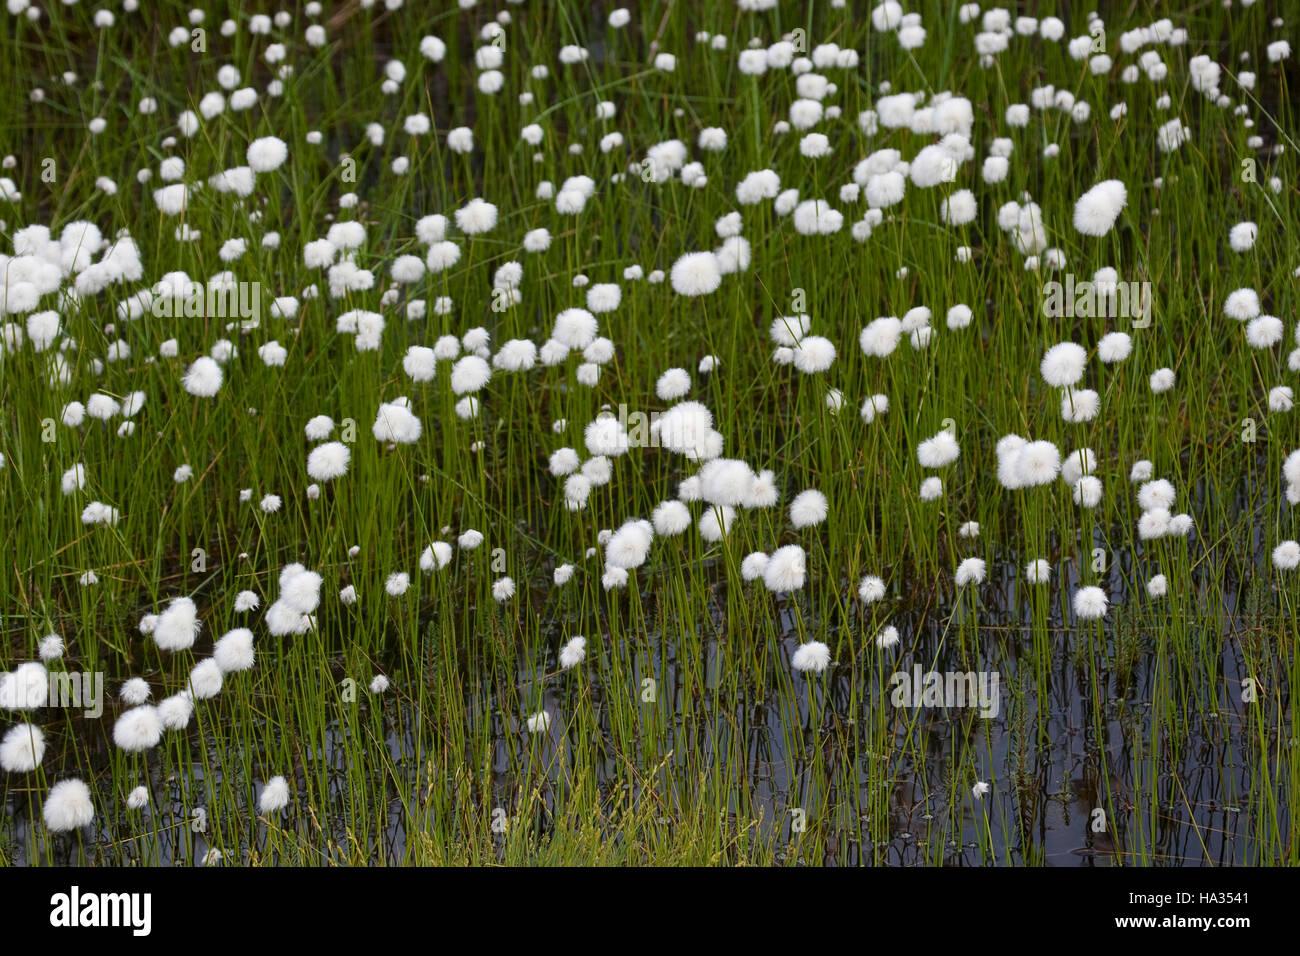 Scheuchzers Wollgras, Eriophorum scheuchzeri, White Cotton Grass - Stock Image